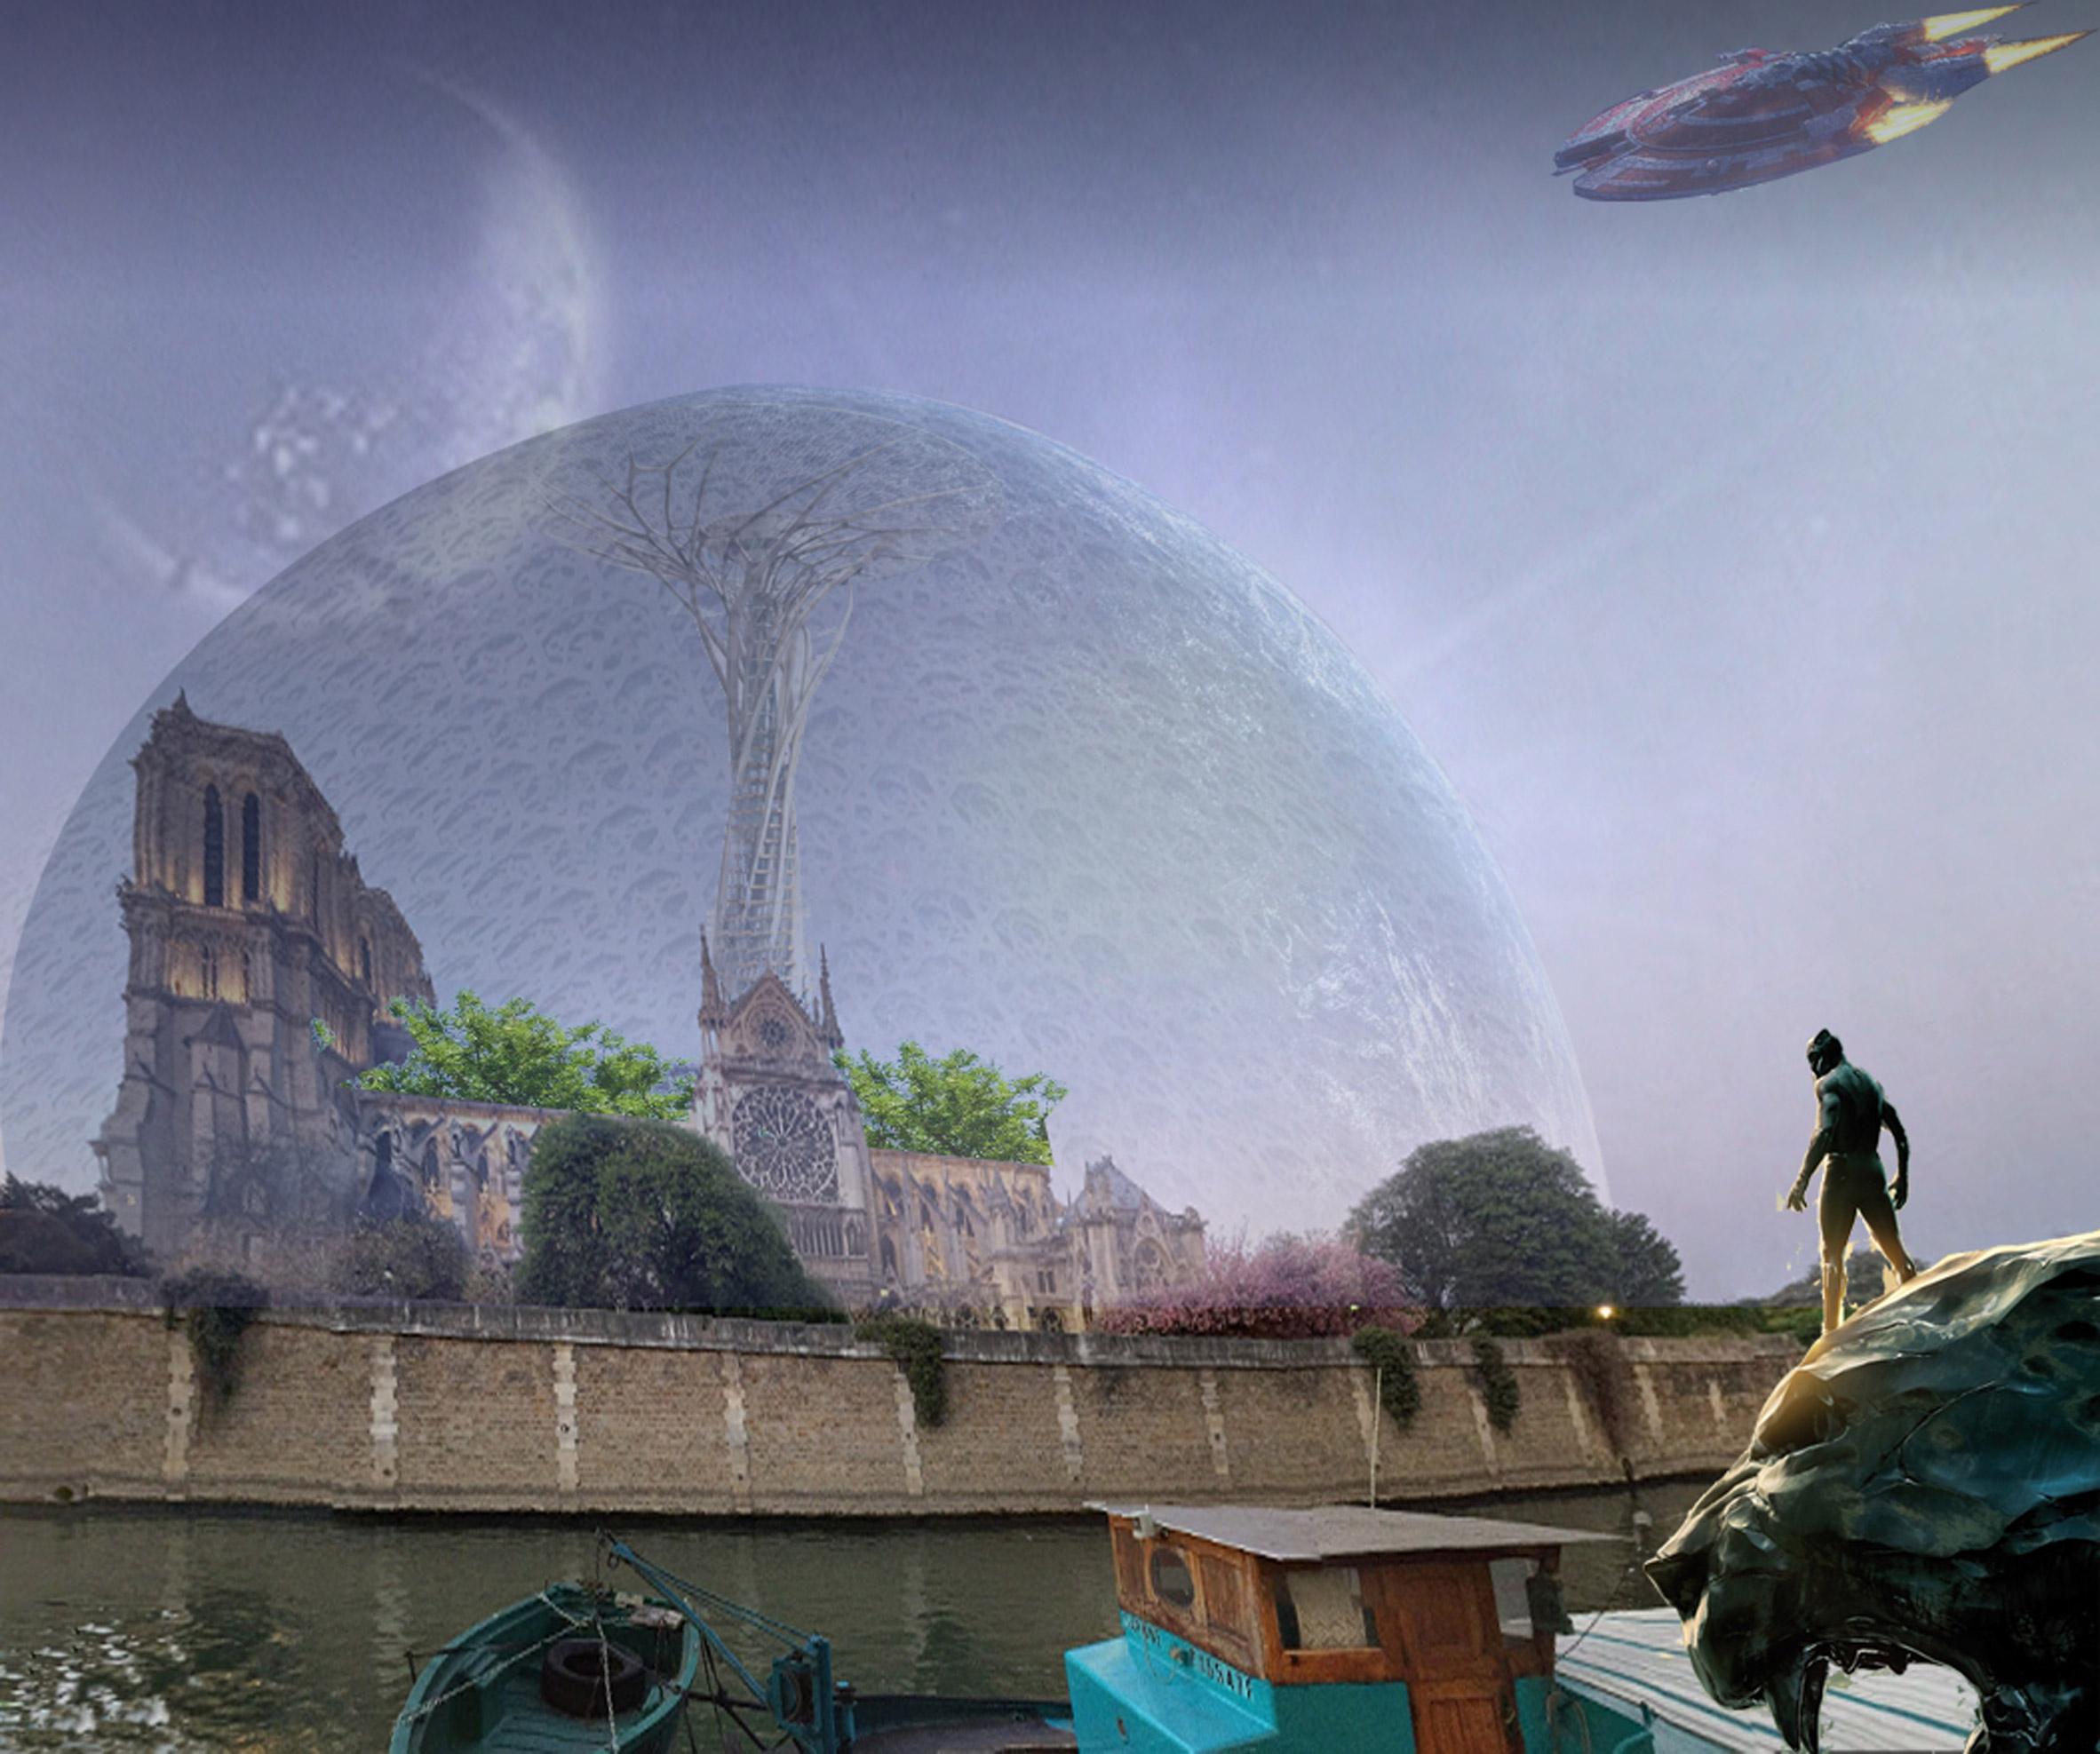 Una bolla futurista / Bored Panda